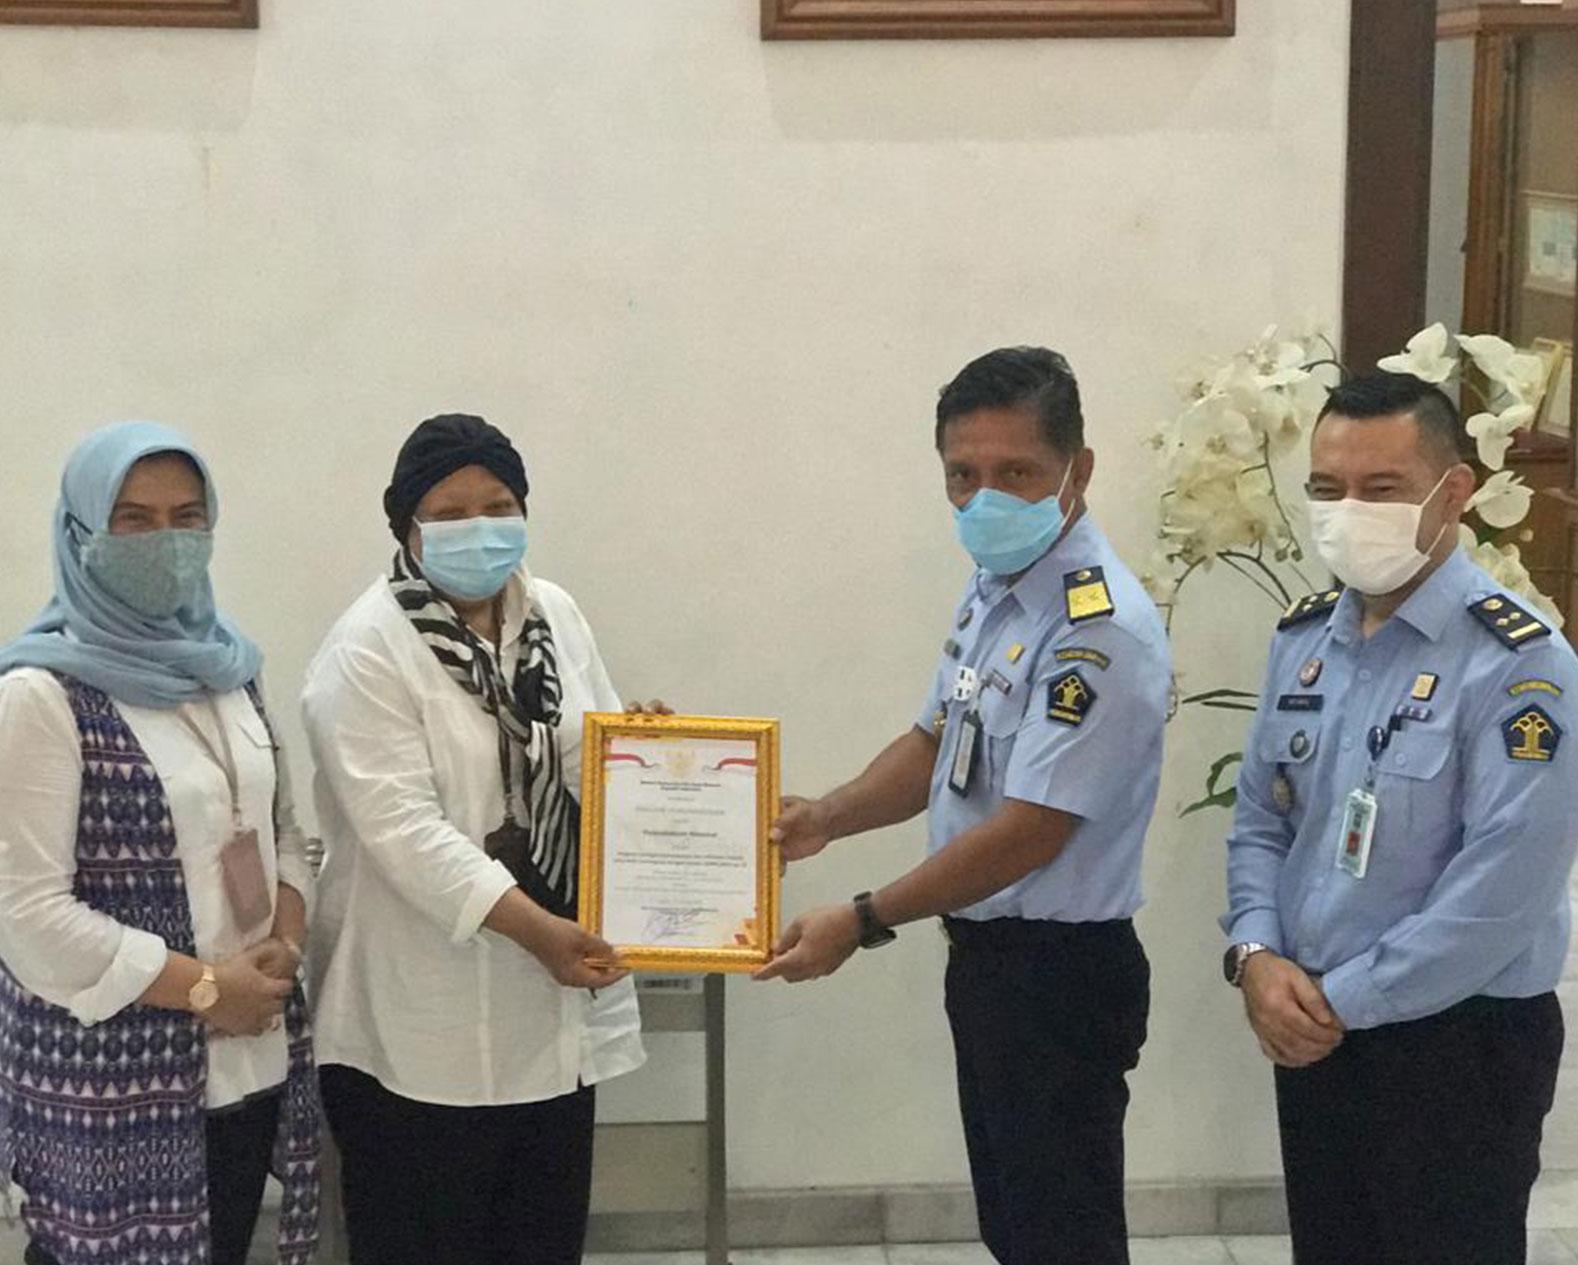 Perpusnas Menerima Piagam Penghargaan dari Pusat Dokumentasi dan Jaringan Informasi Hukum Nasional BPHN